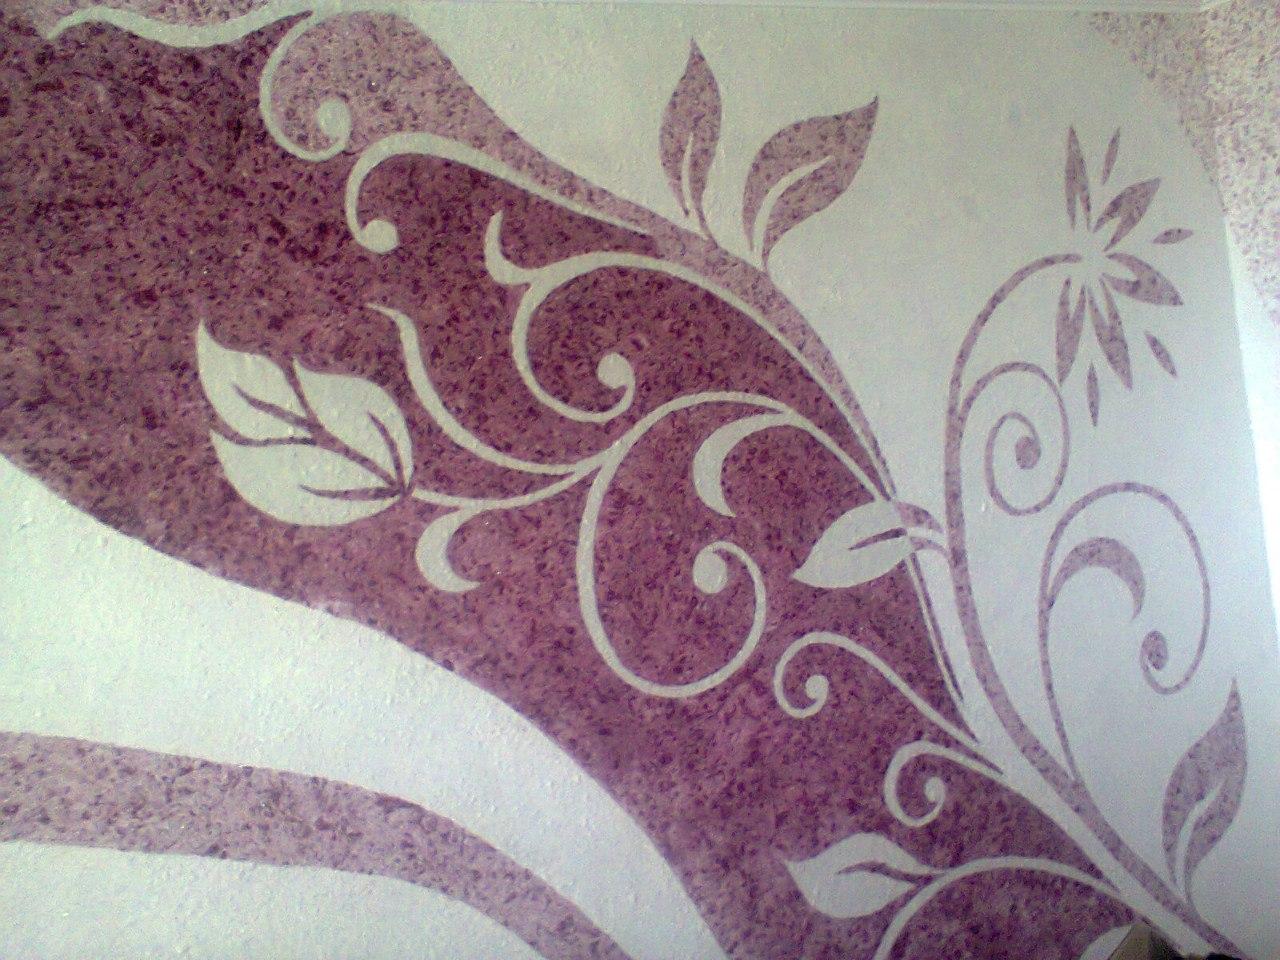 дизайн рисунок цветы из жидких обоев выбрать купить